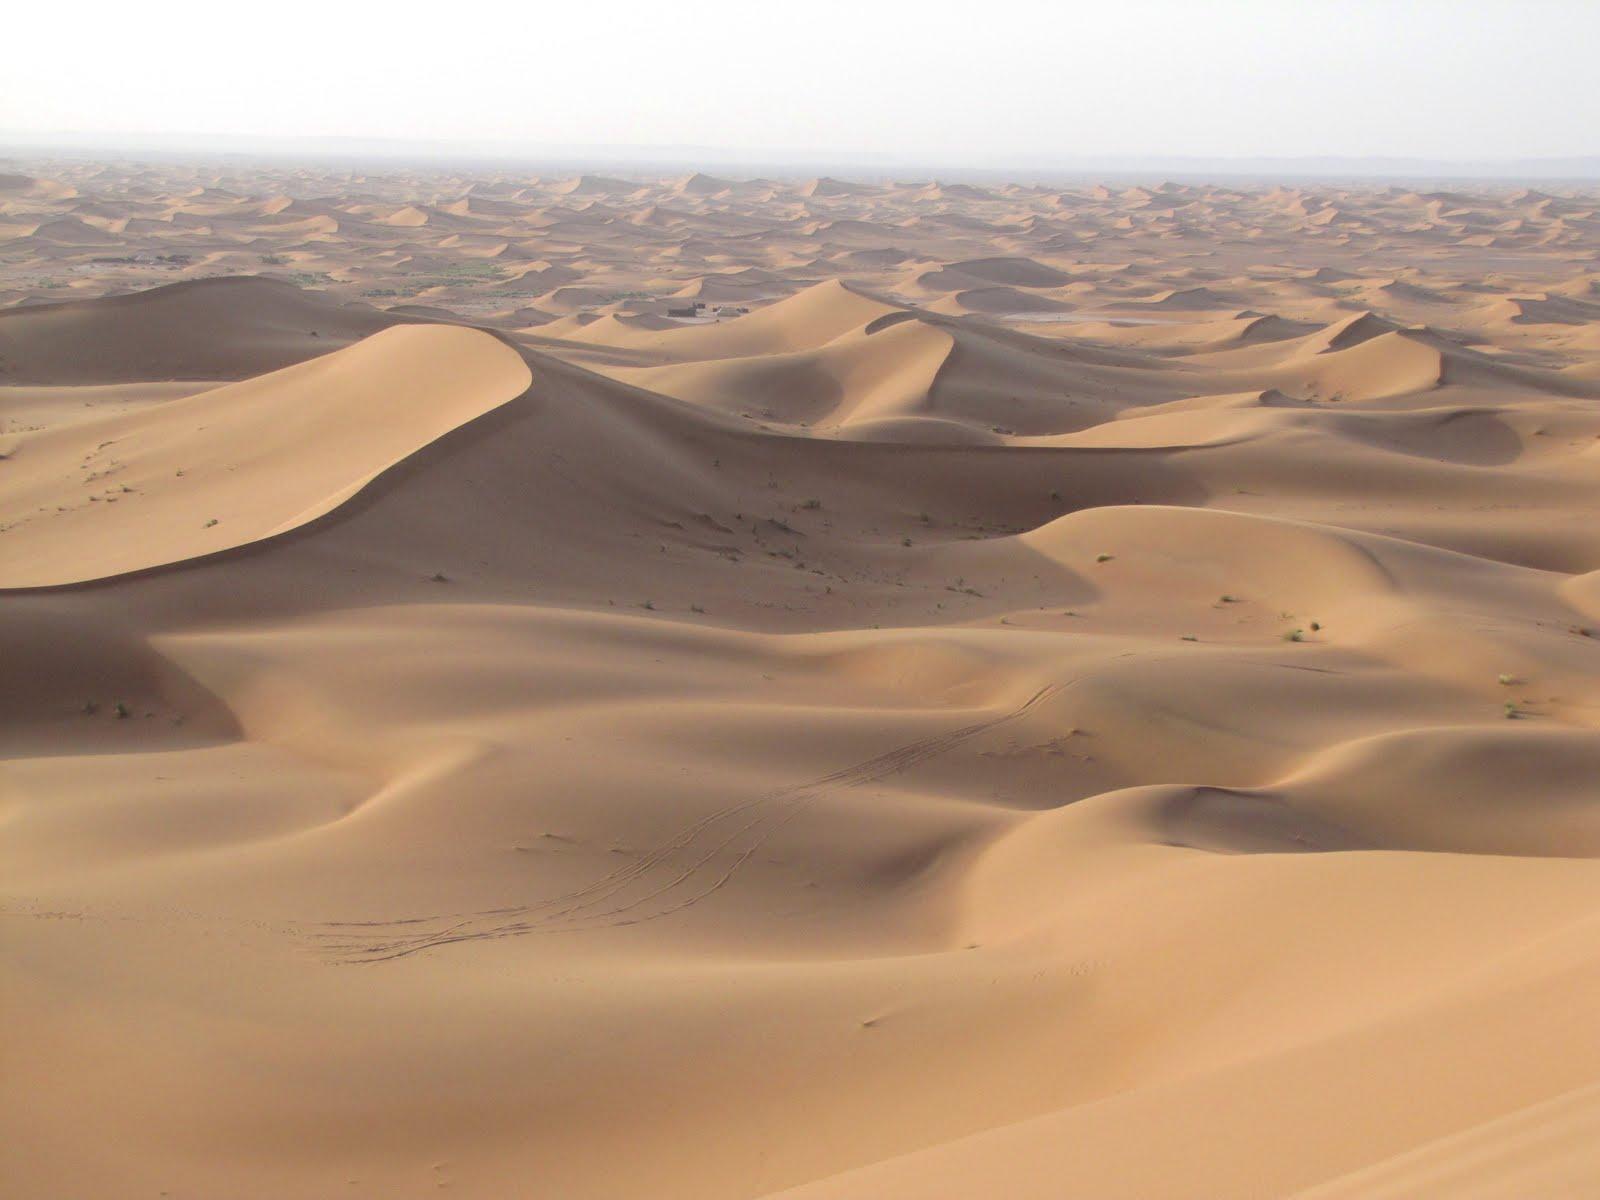 Sand Dunes Erg Chigaga  These sand dune